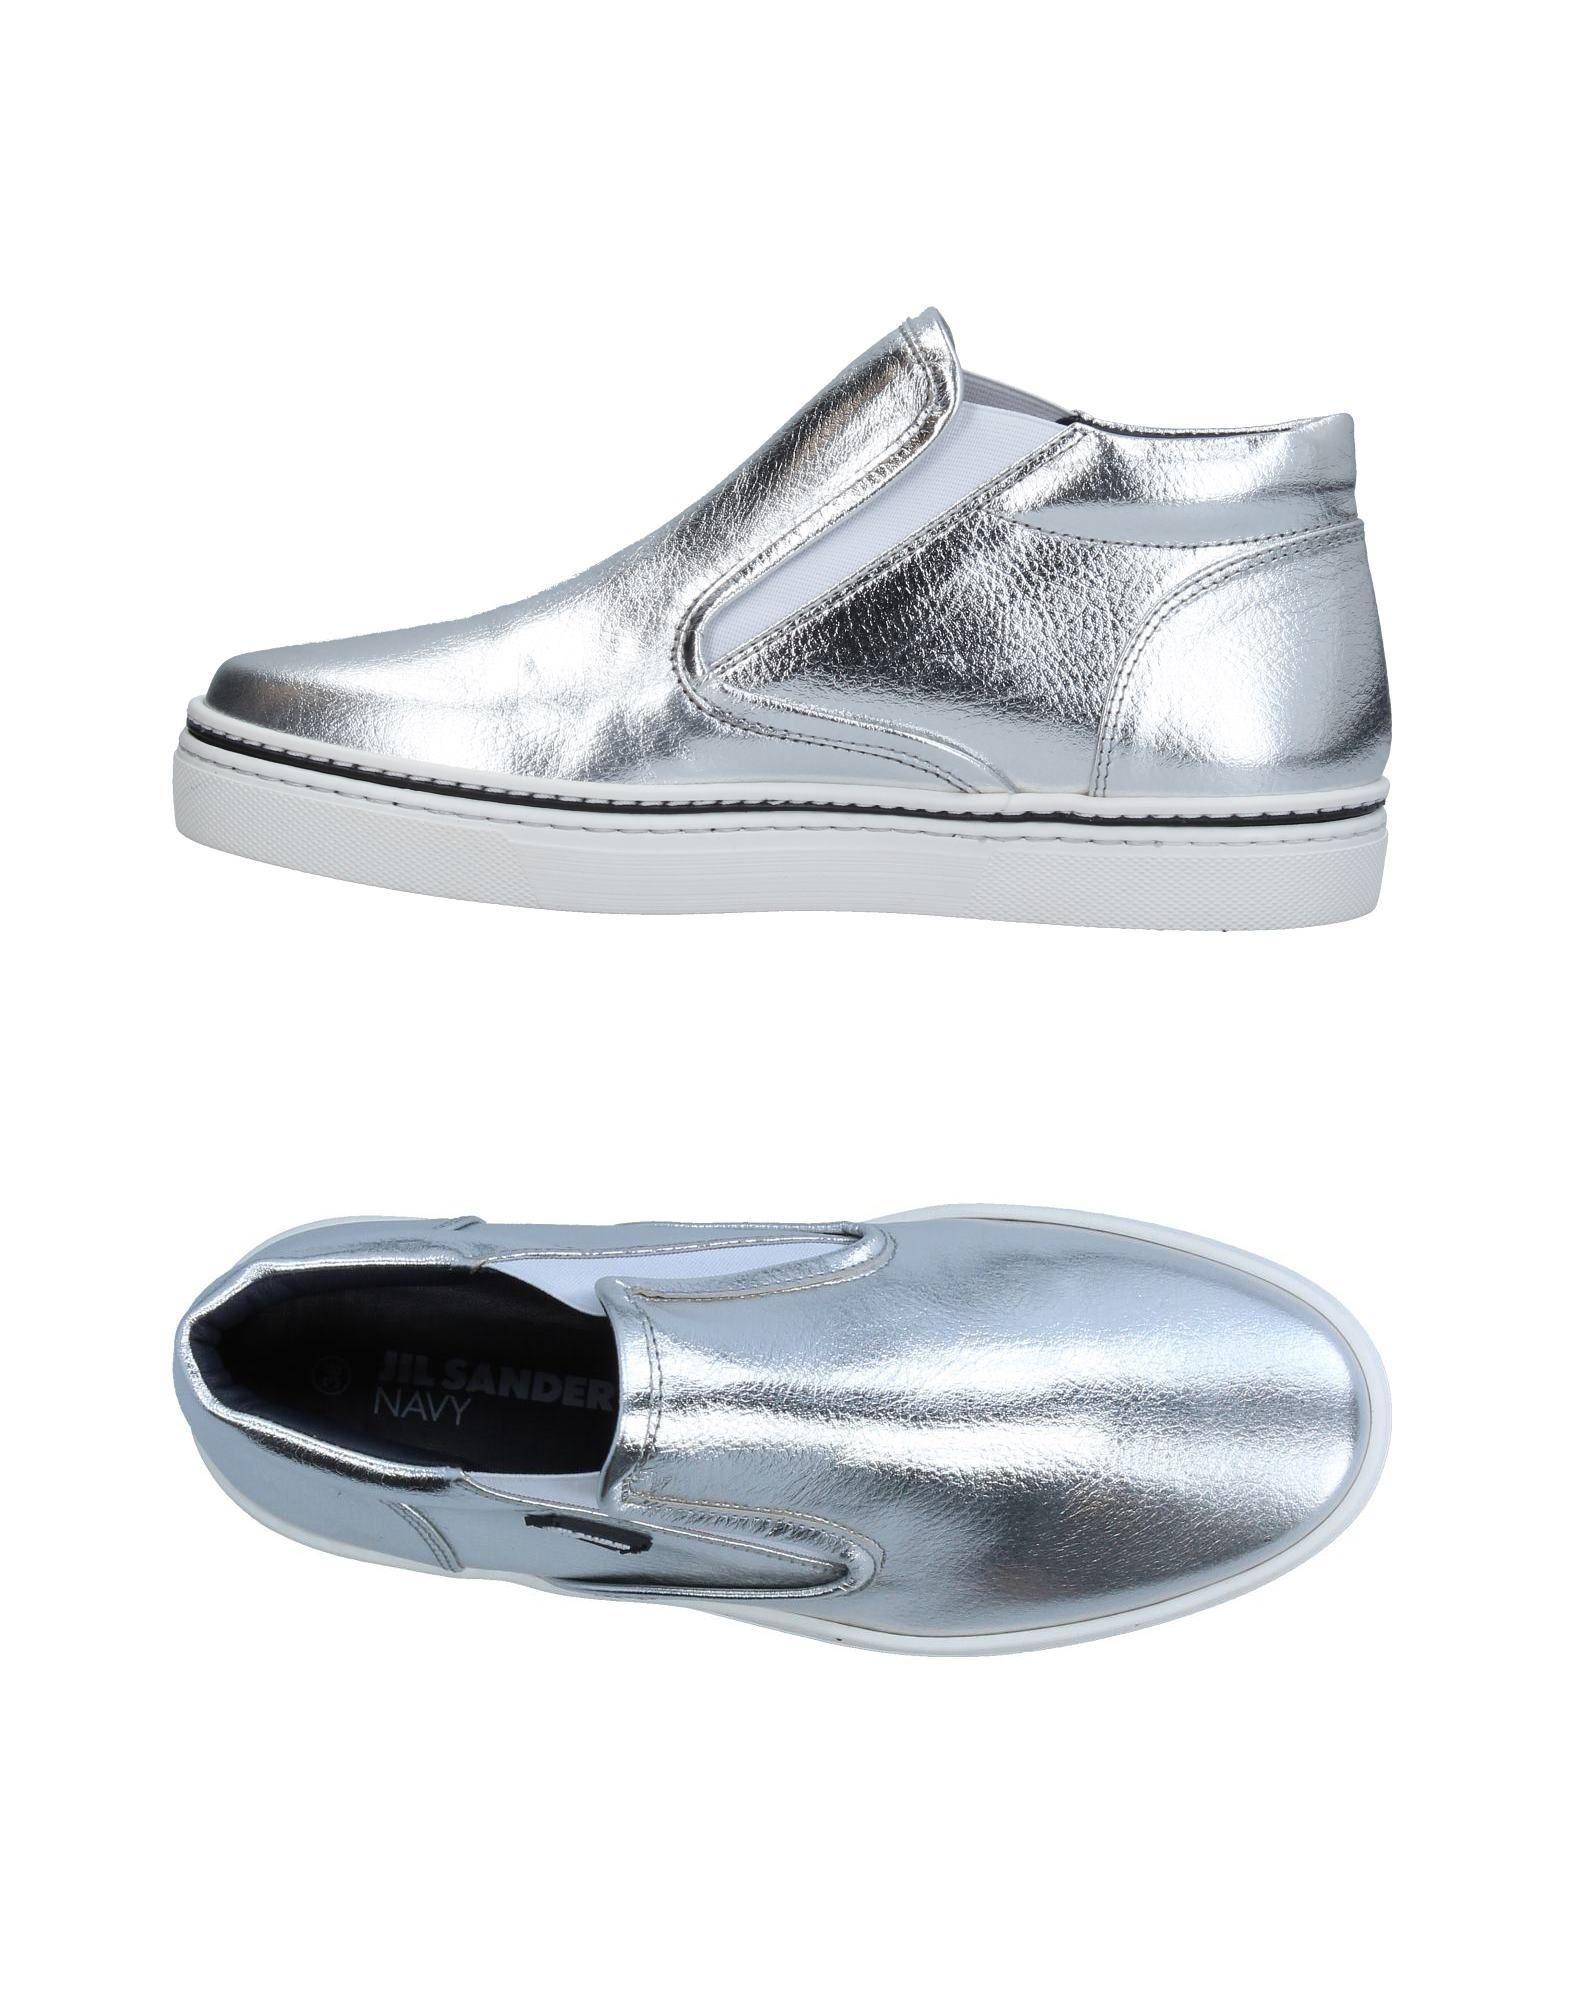 JIL SANDER NAVY Высокие кеды и кроссовки кеды кроссовки высокие женские dc rebound high tx navy gum